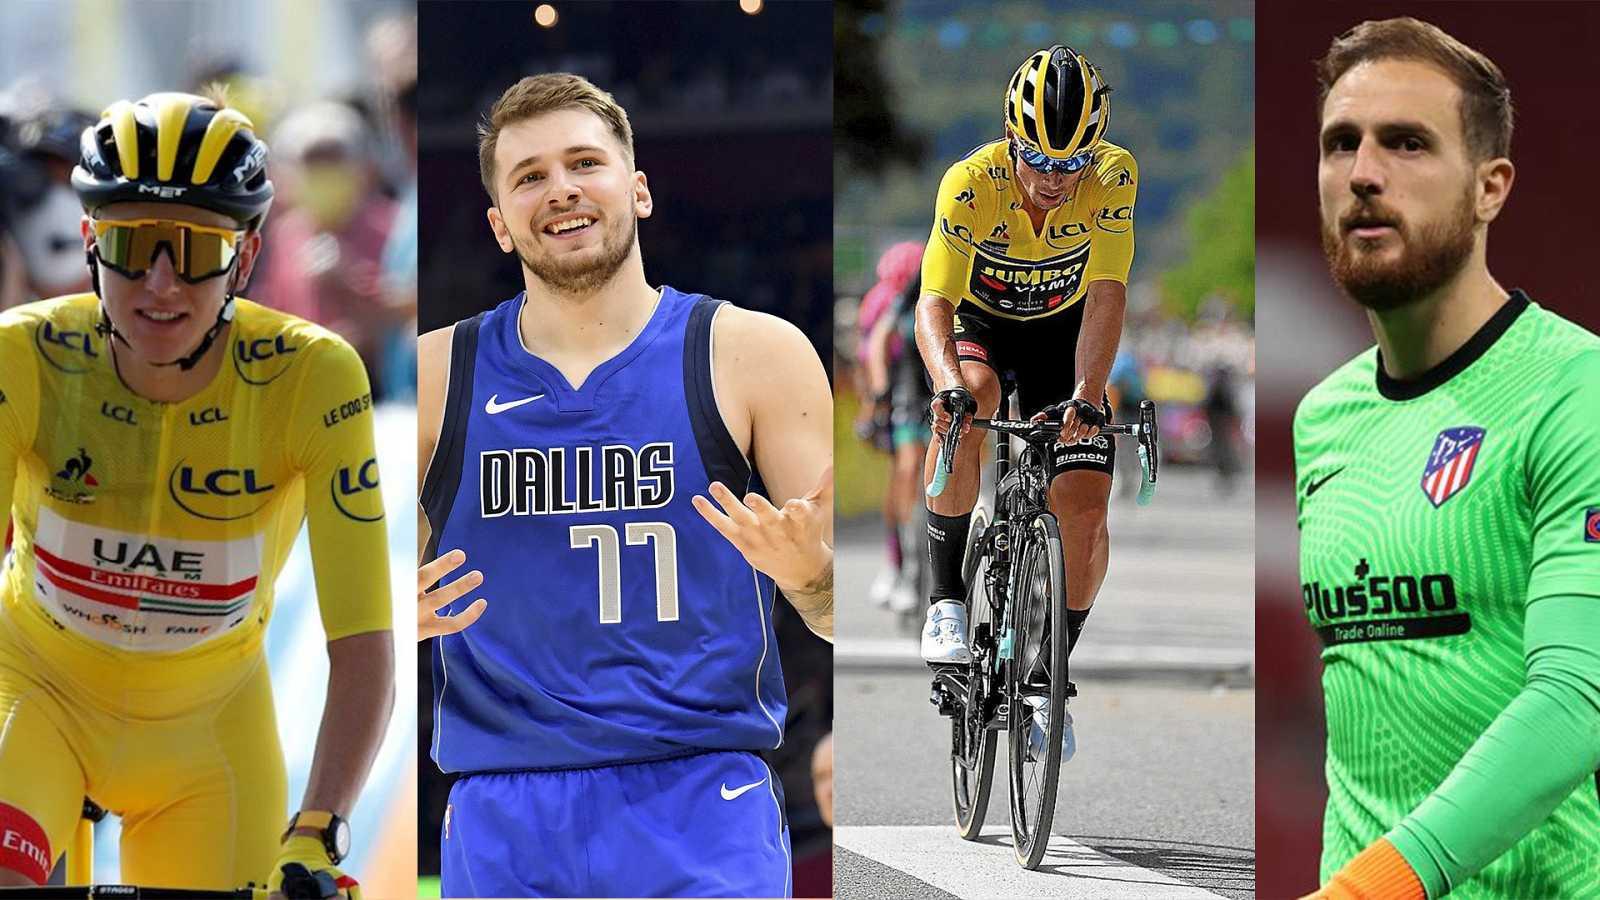 Tablero deportivo - El curioso caso de Eslovenia y el deporte - Escuchar ahora